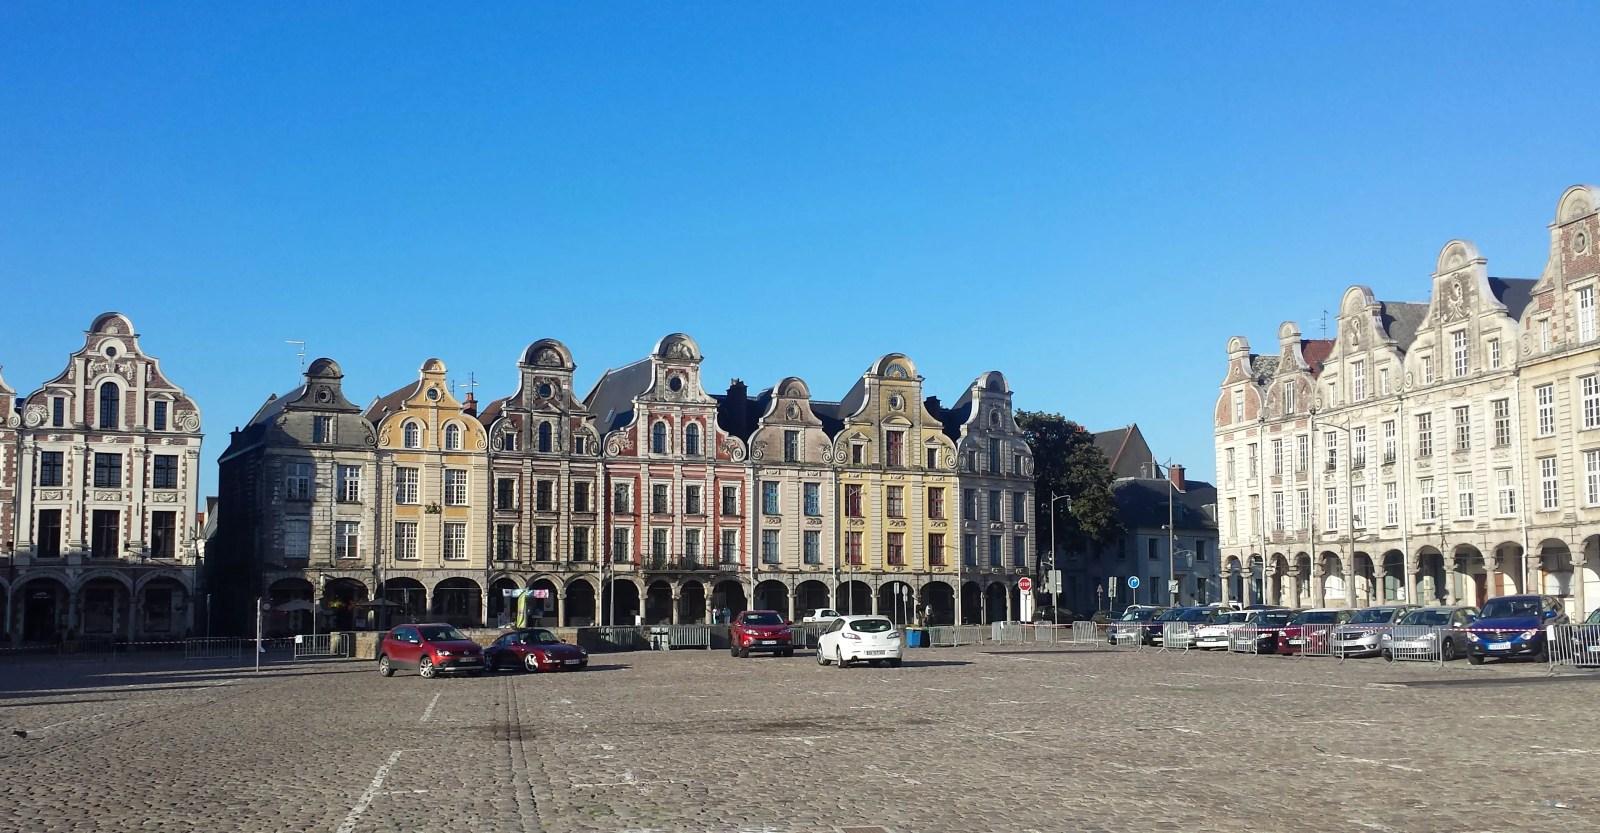 Sehenswürdigkeiten von Arras, Städte im Nord-Pas de Calais, Sightseeing in Arras